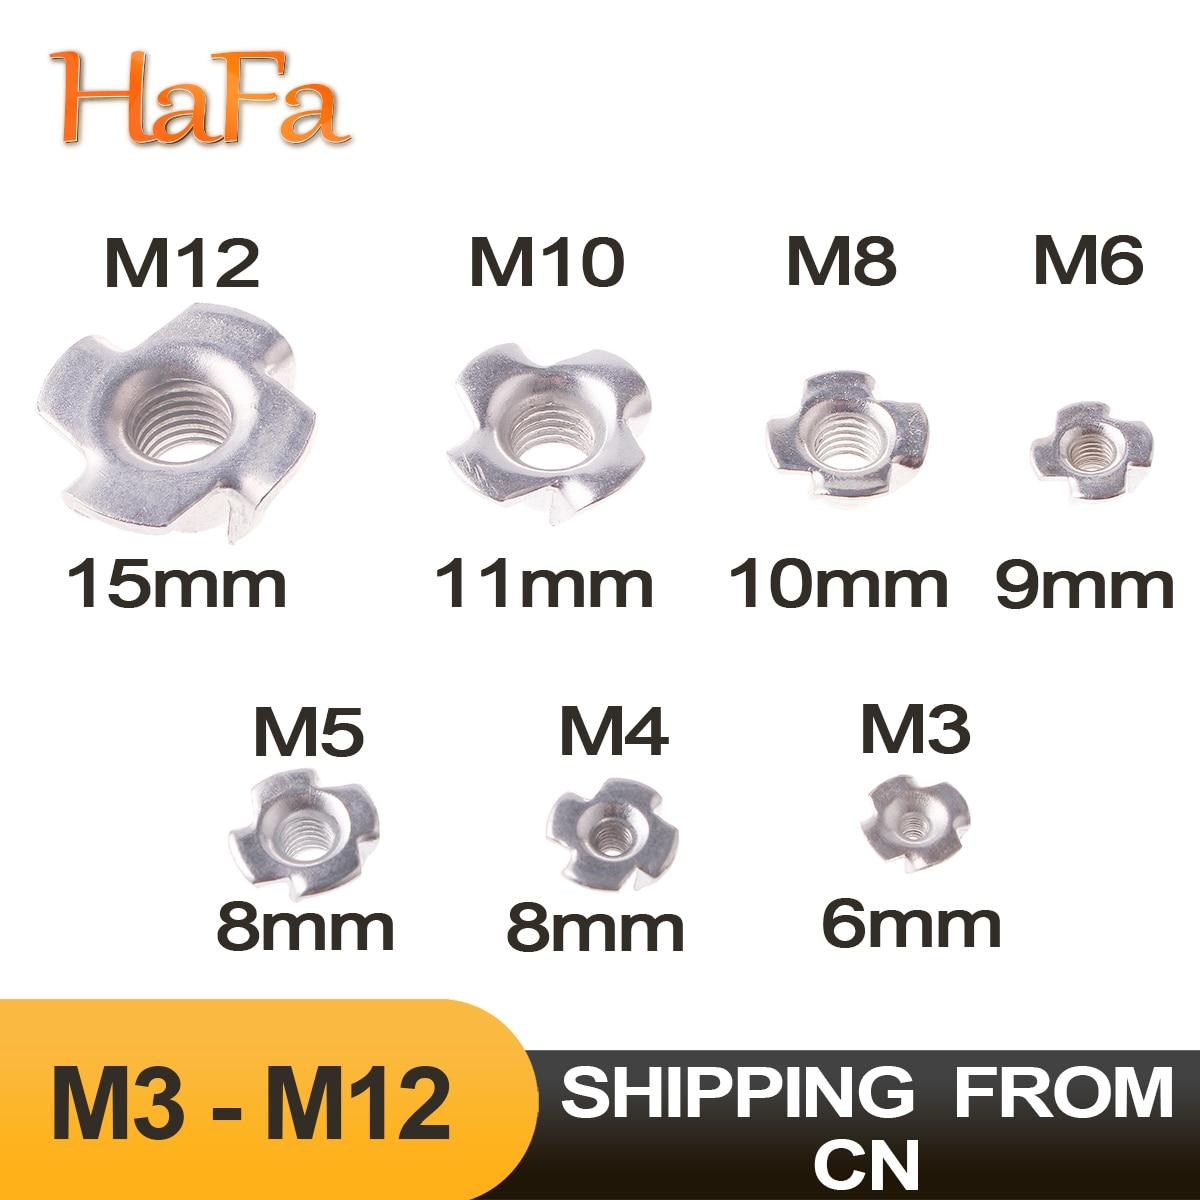 5/10/20/50 шт M3 M4 M5 M6 M8 M10 M12 четыре когти гайка Динамик гайка t-образная гайка слепой элемента Вставка Гайка тройника для Деревянная мебель оборуд...